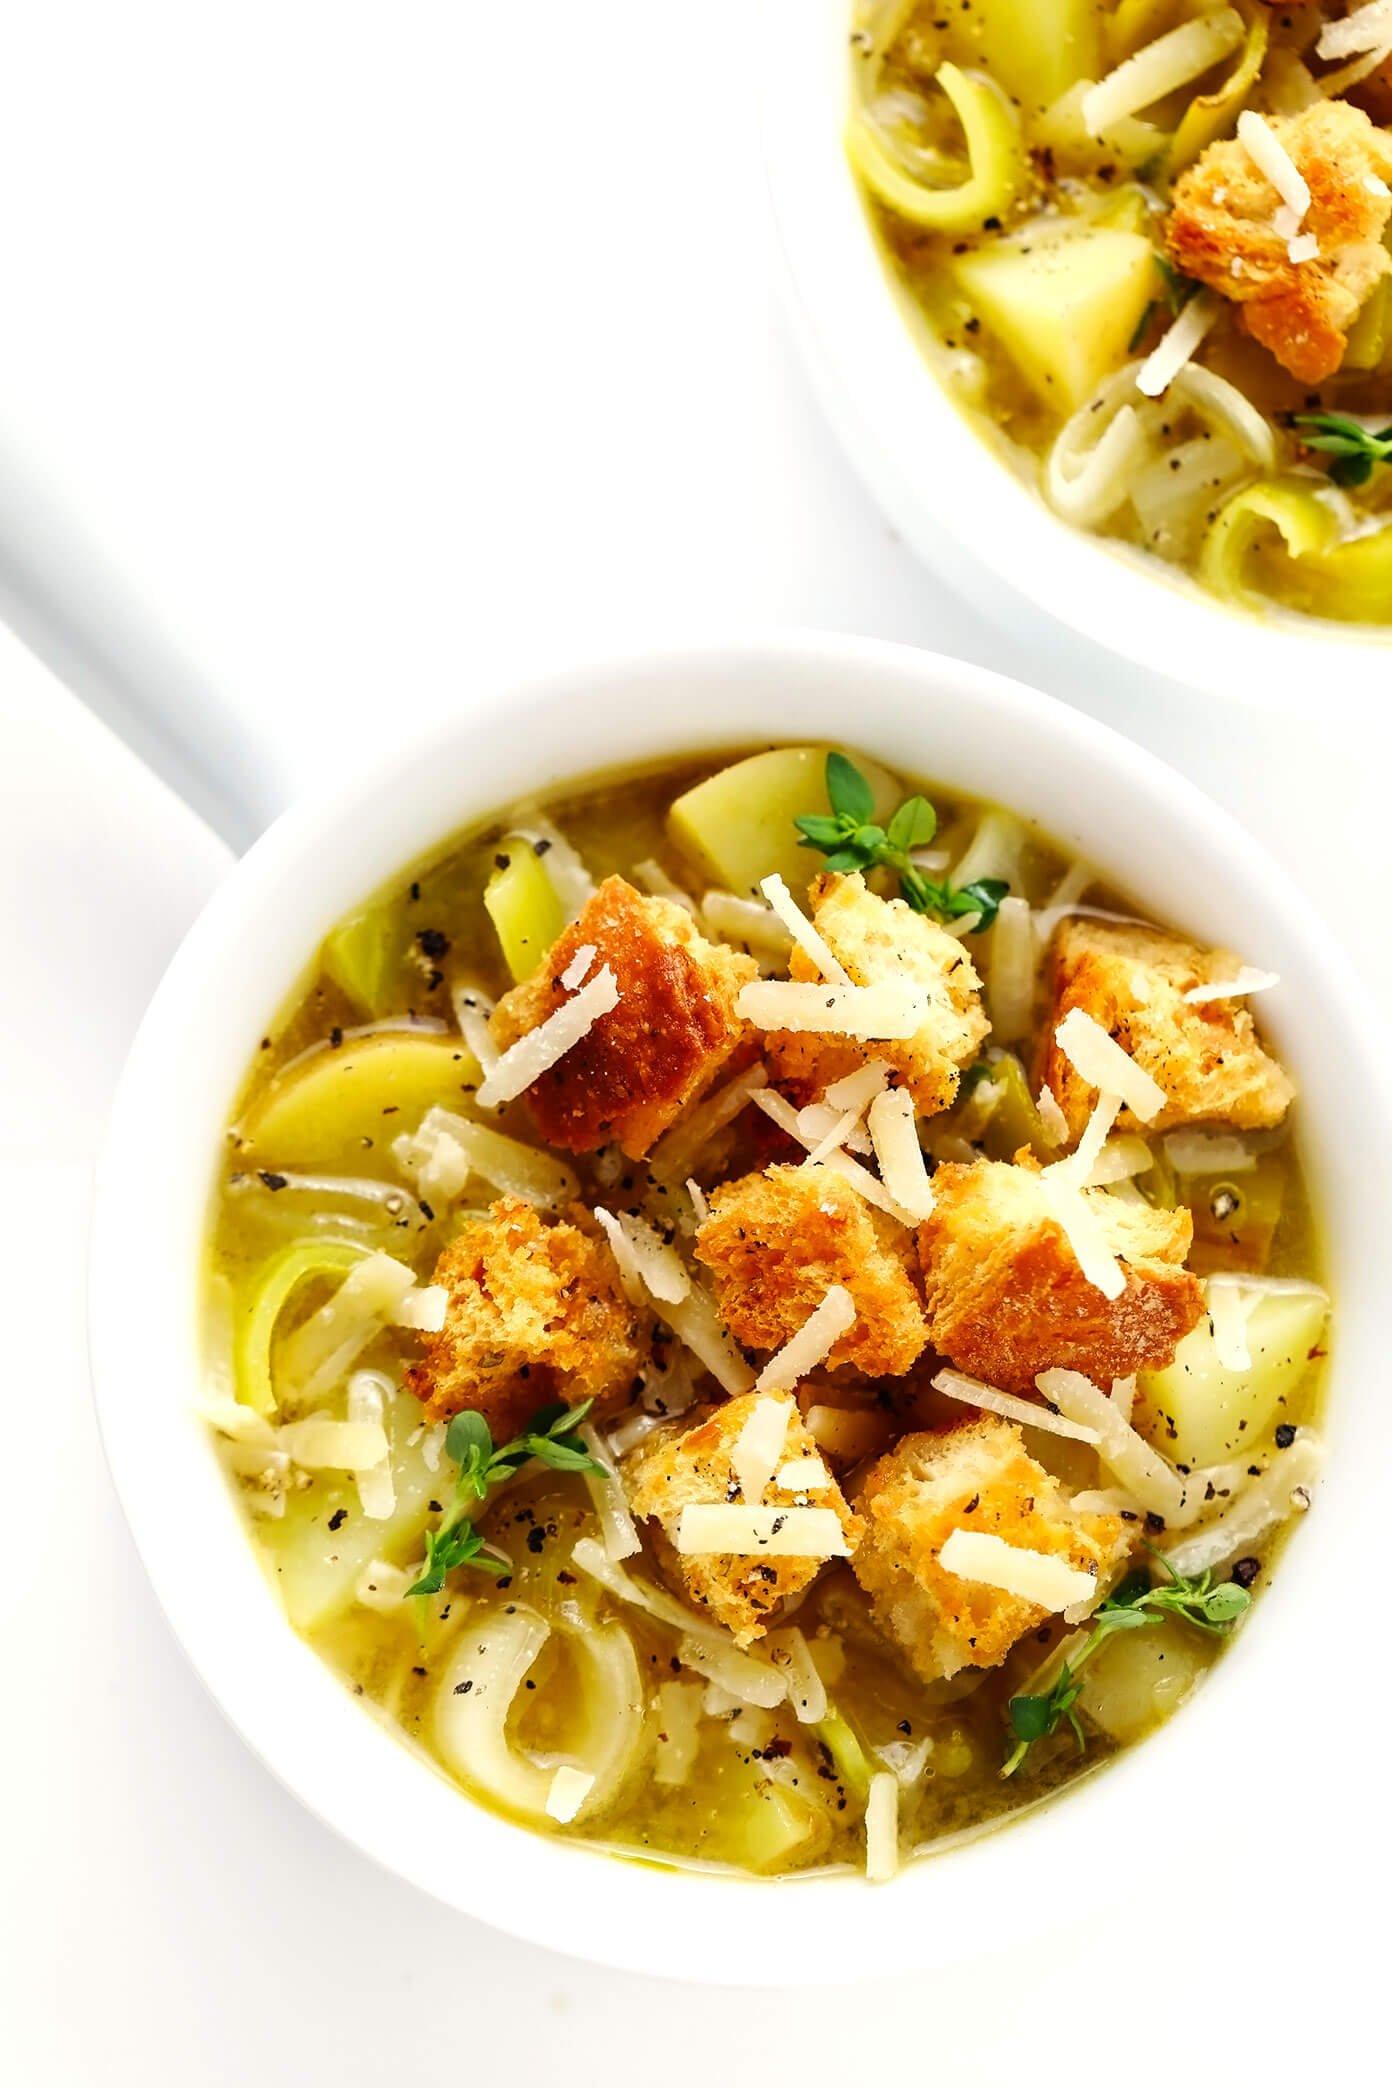 Tigelas de sopa rústica de batata com alho-poró e pão caseiro com queijo parmesão